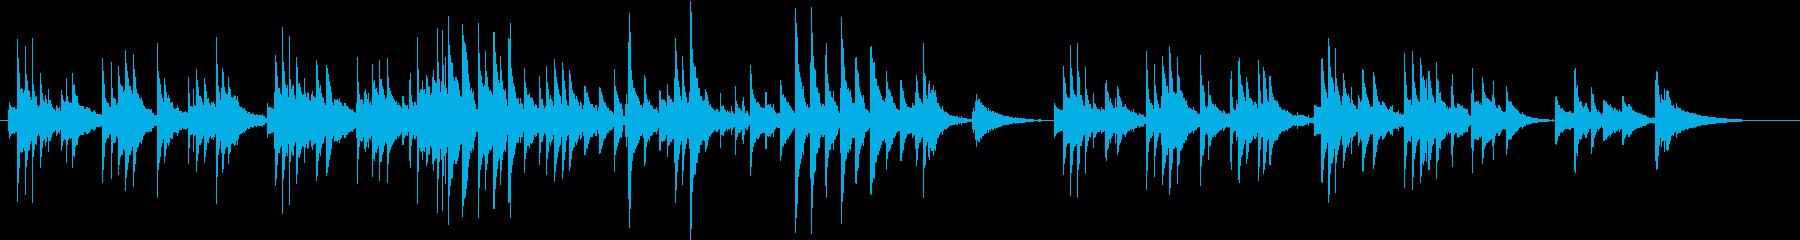 ギターが切ないアコースティックバラードの再生済みの波形